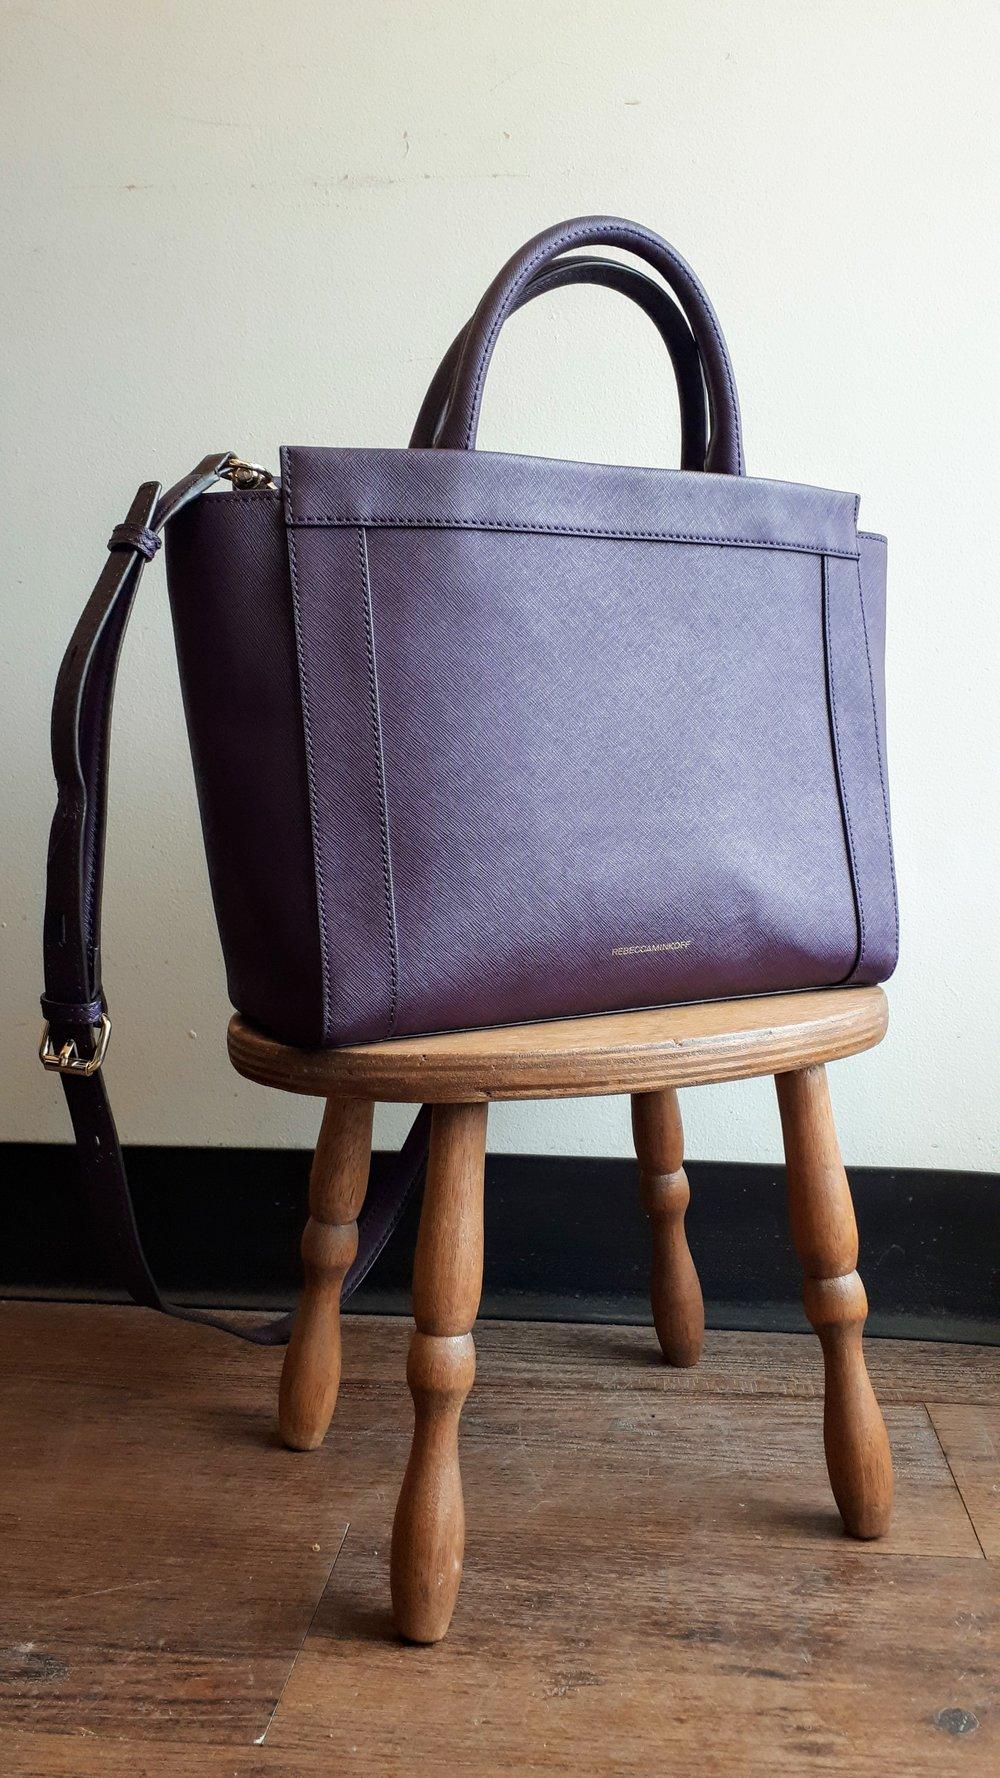 Rebecca Minkoff purse, $85